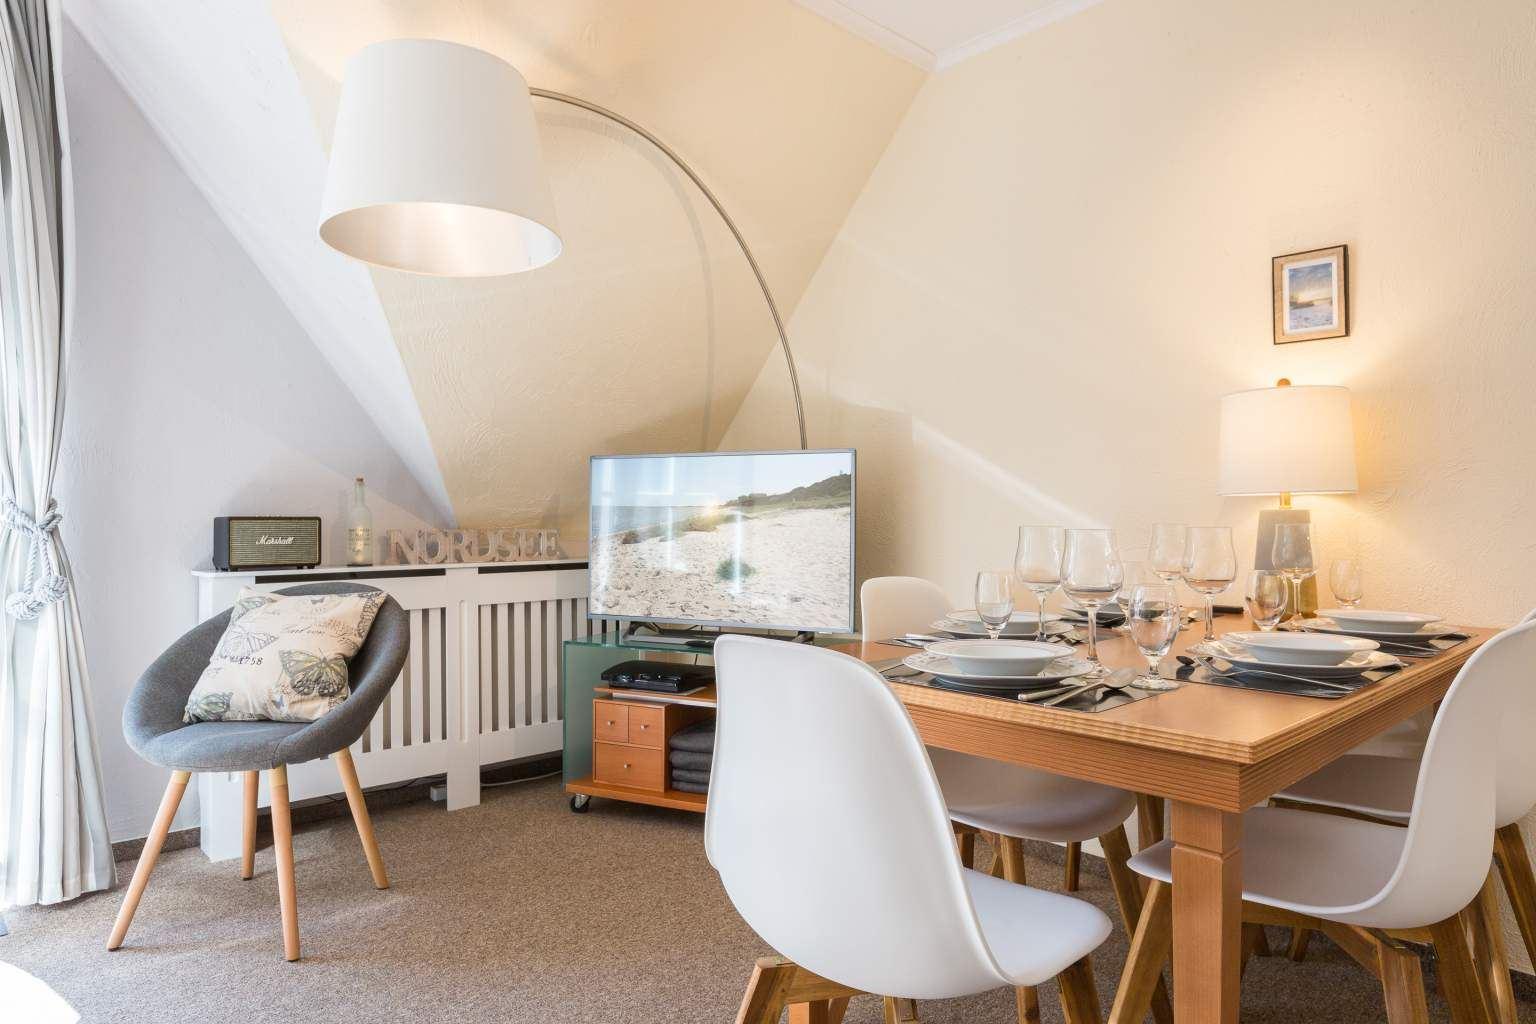 Wohnzimmer und Essbereich - St Peter Ording Bad, Friesenresidence, Appartement Hornklee